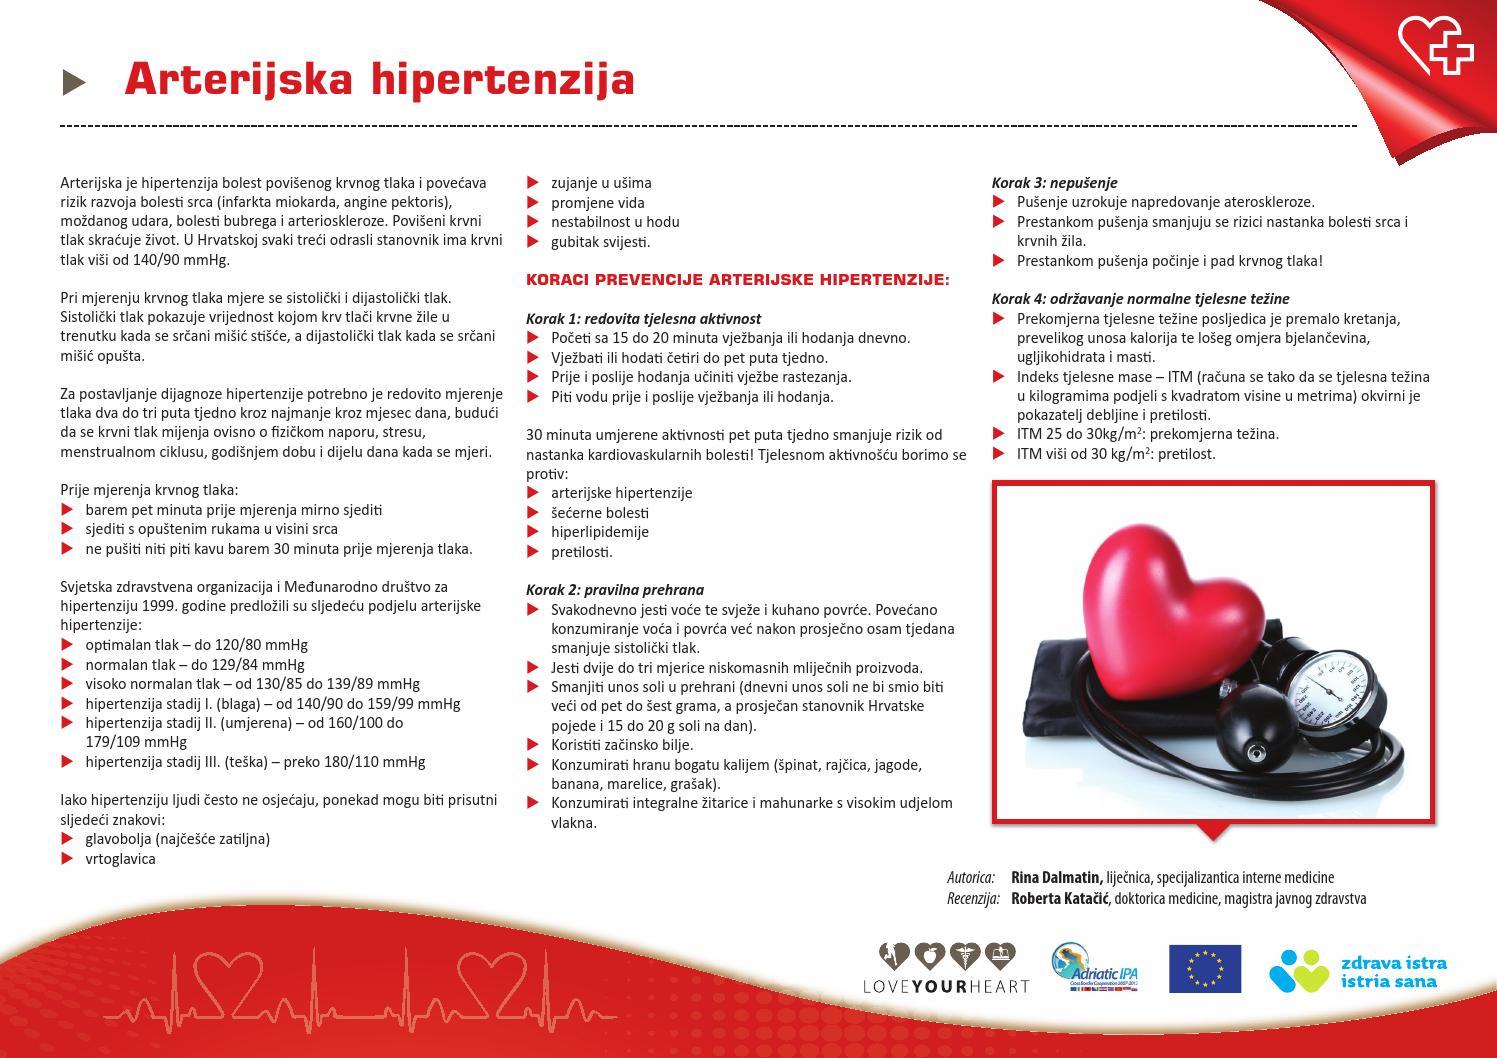 rizik hipertenzija 3- 4)